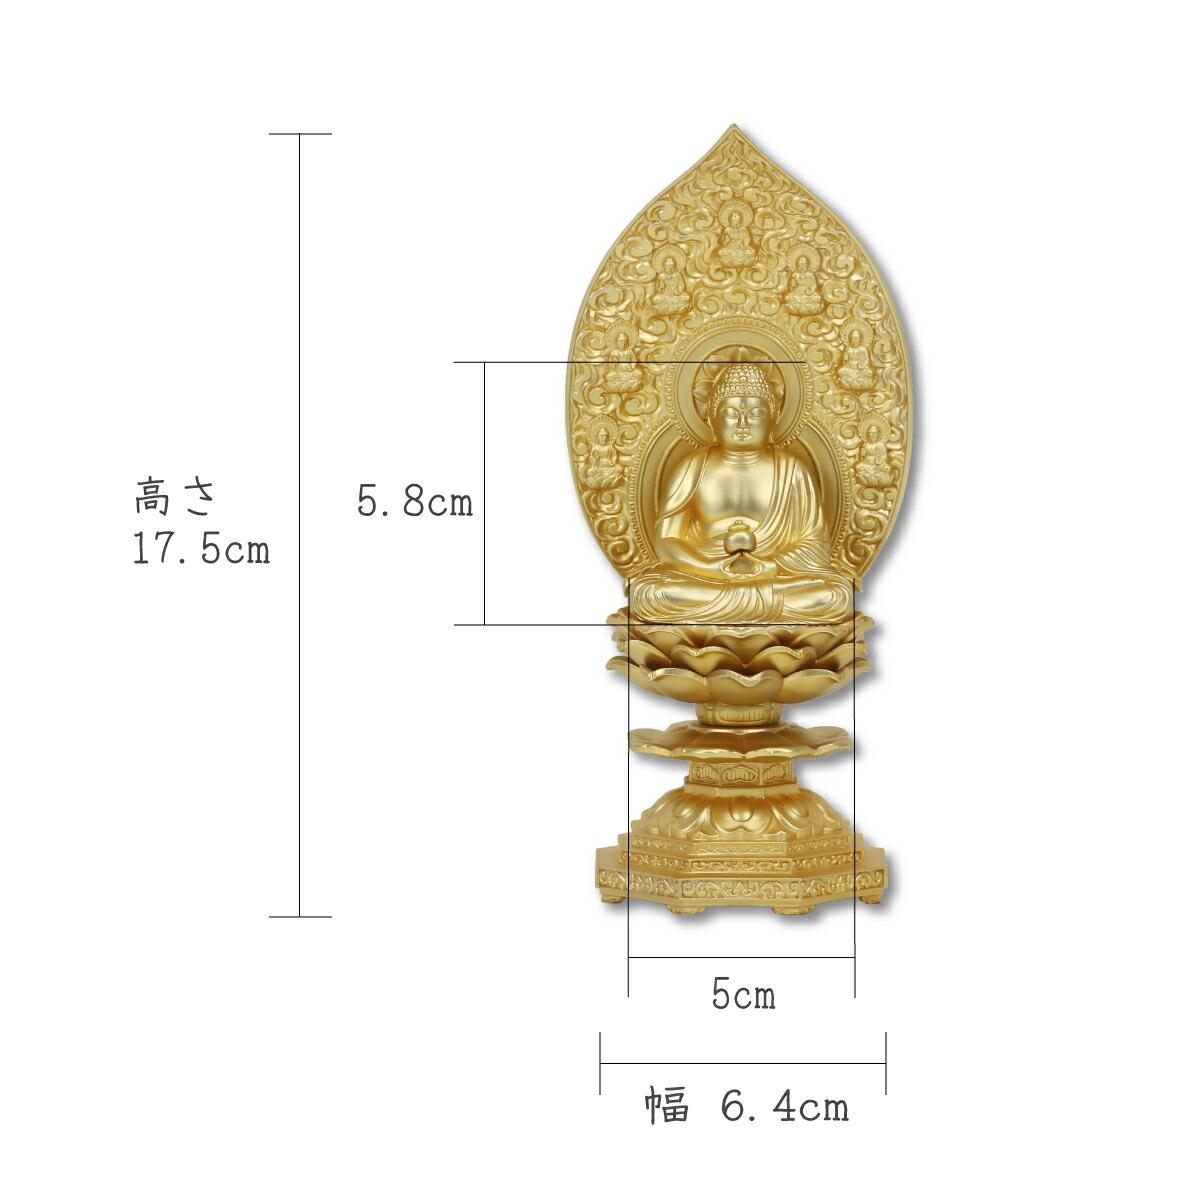 仏像 薬師如来 座像 17.5cm